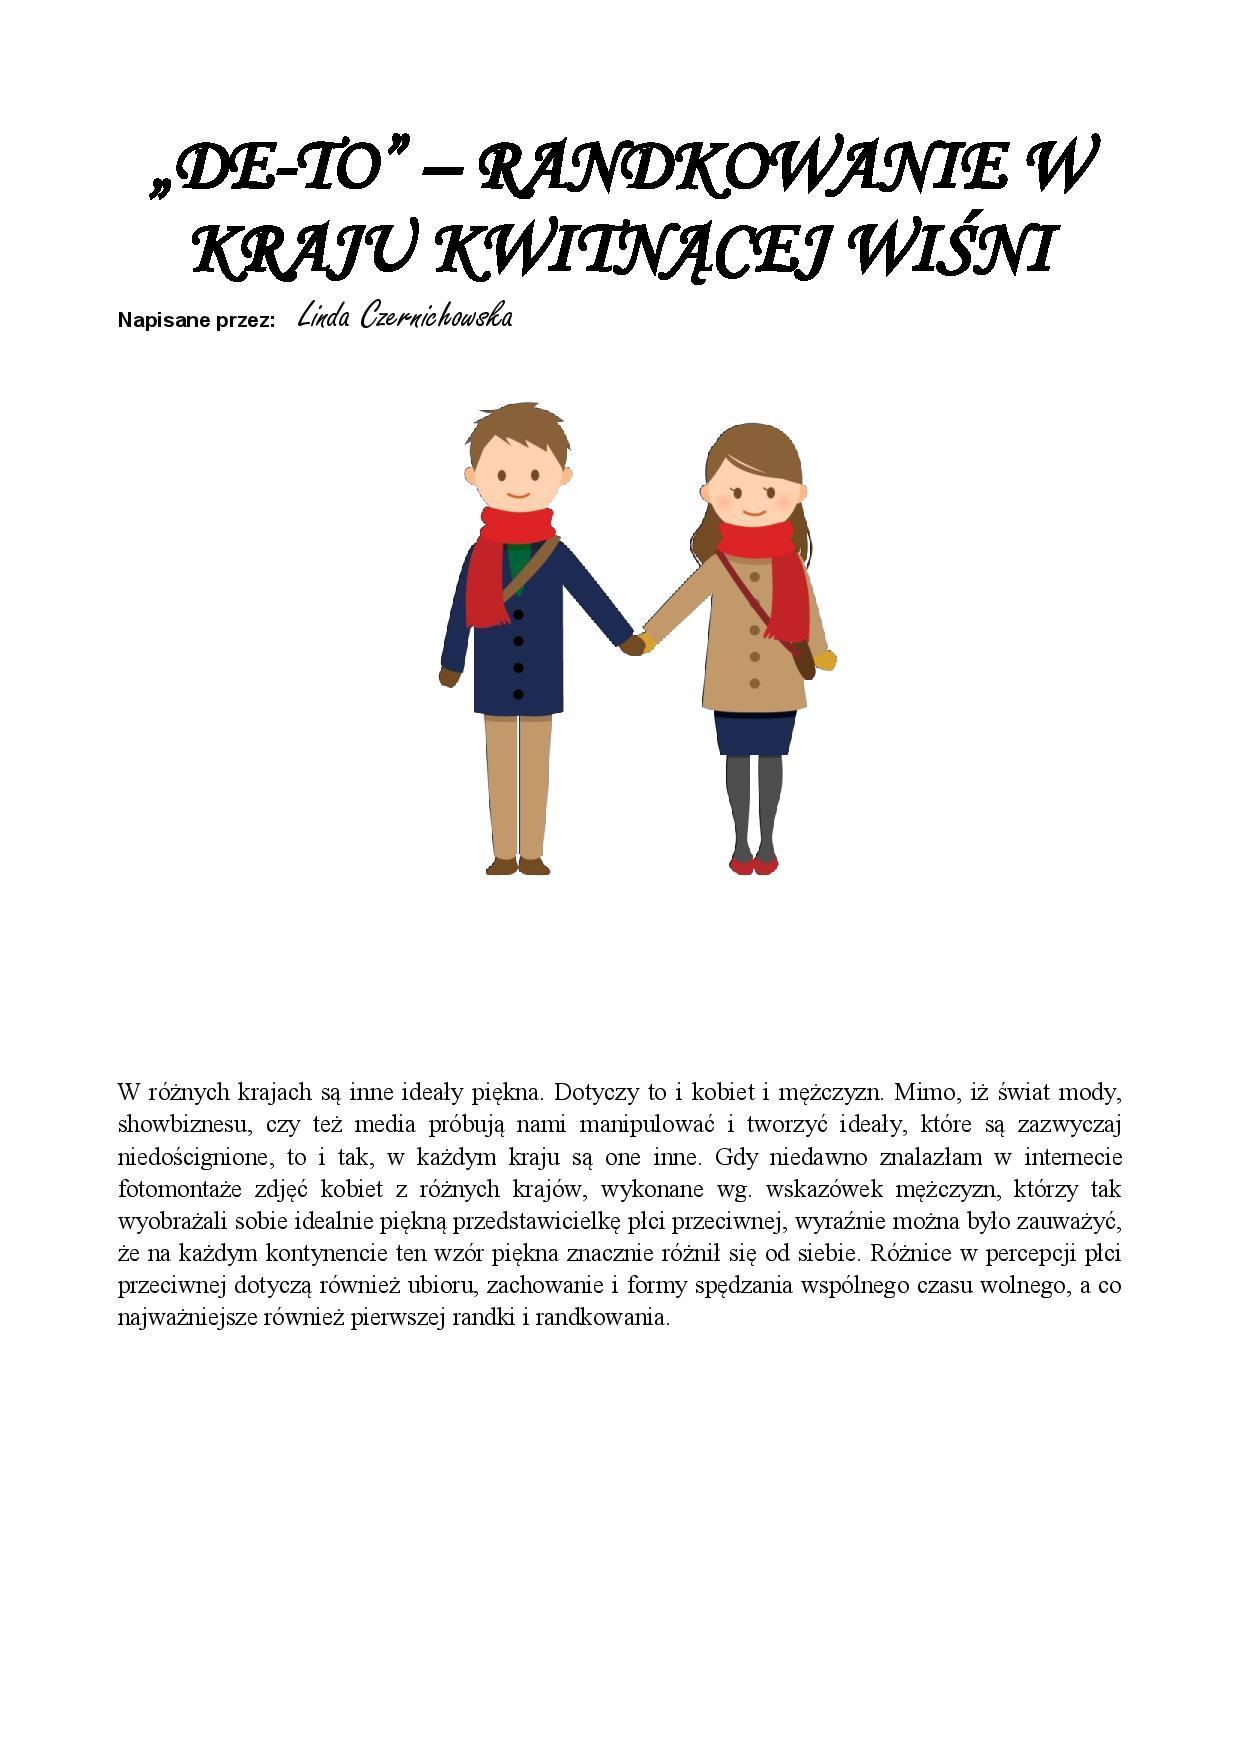 randkowanie2-page-001